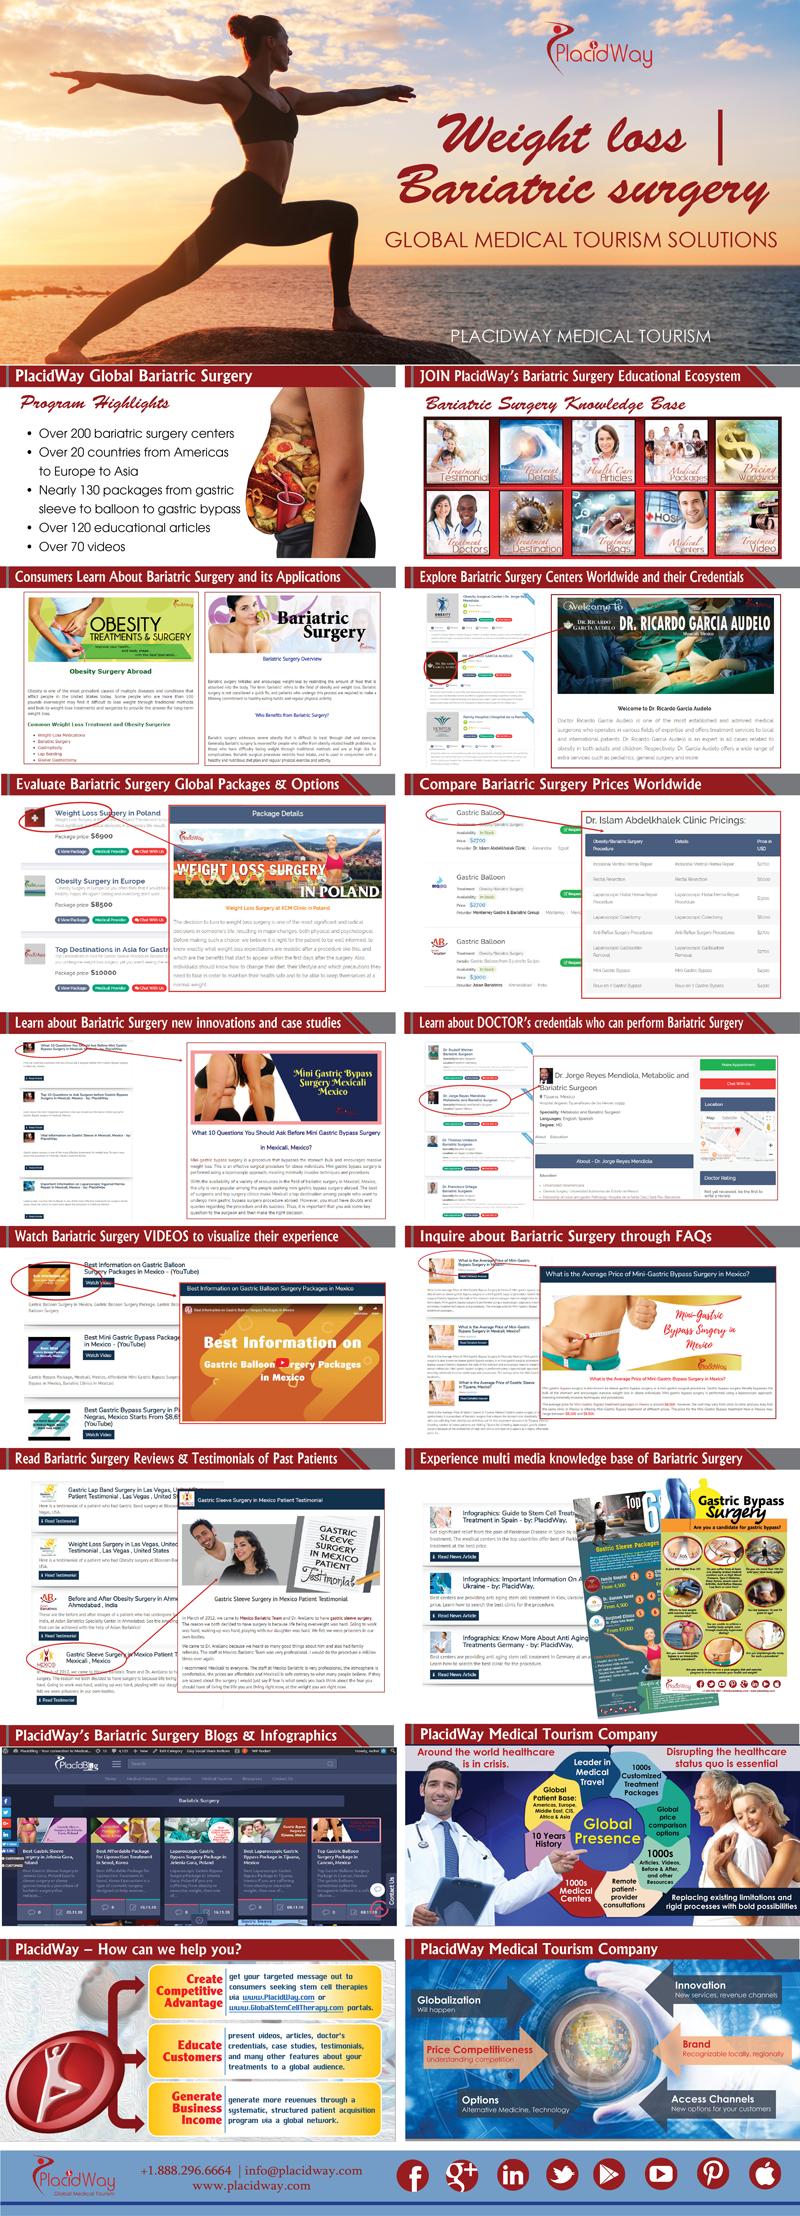 Infographics: Introducing PlacidWay Bariatric Surgery Program